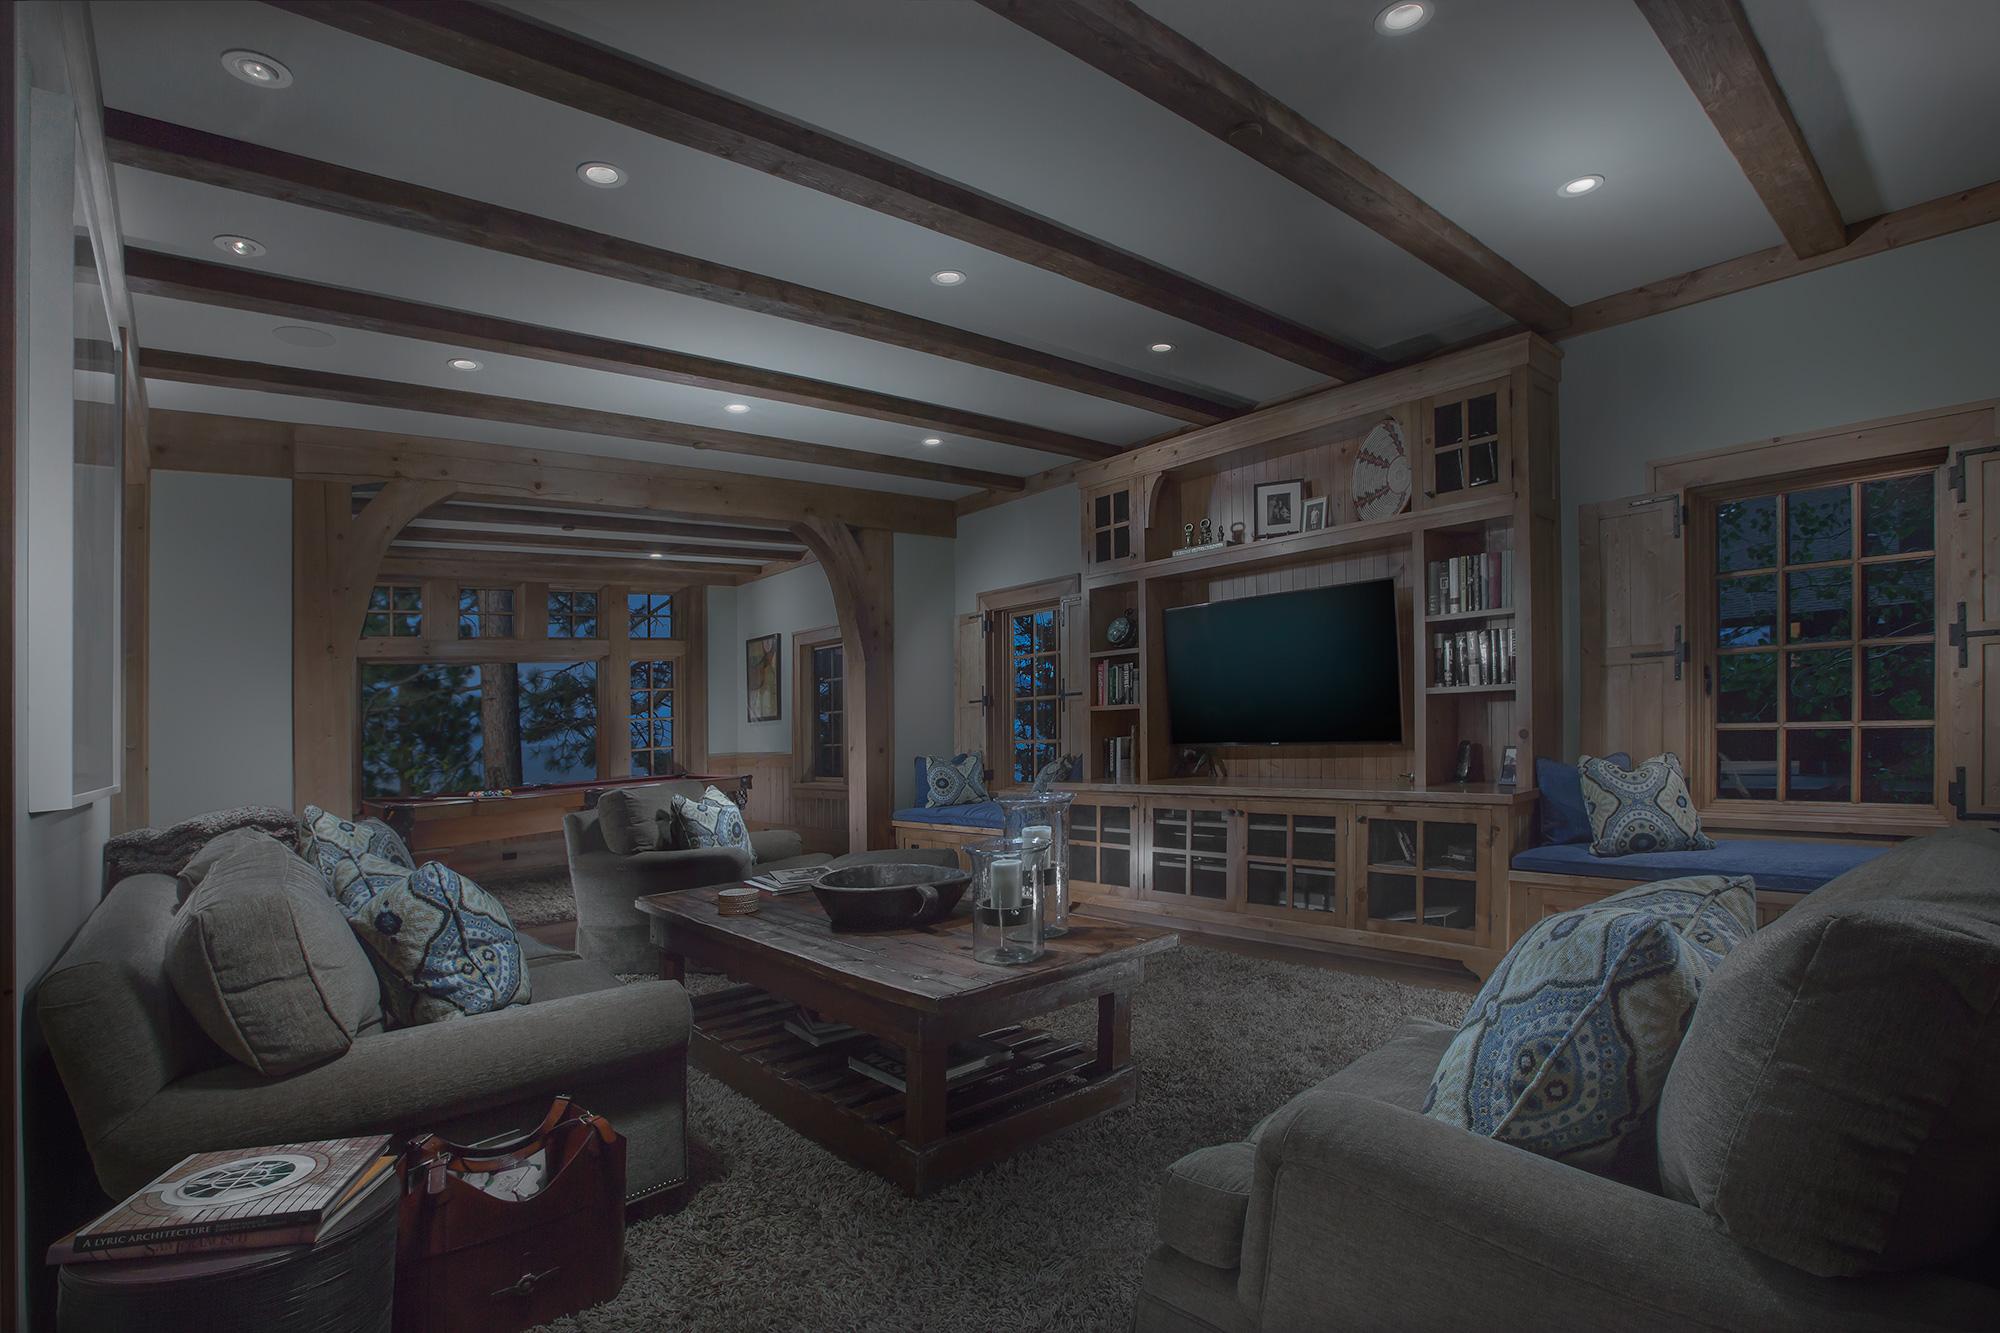 schwab-residence-entertainment-room.jpg